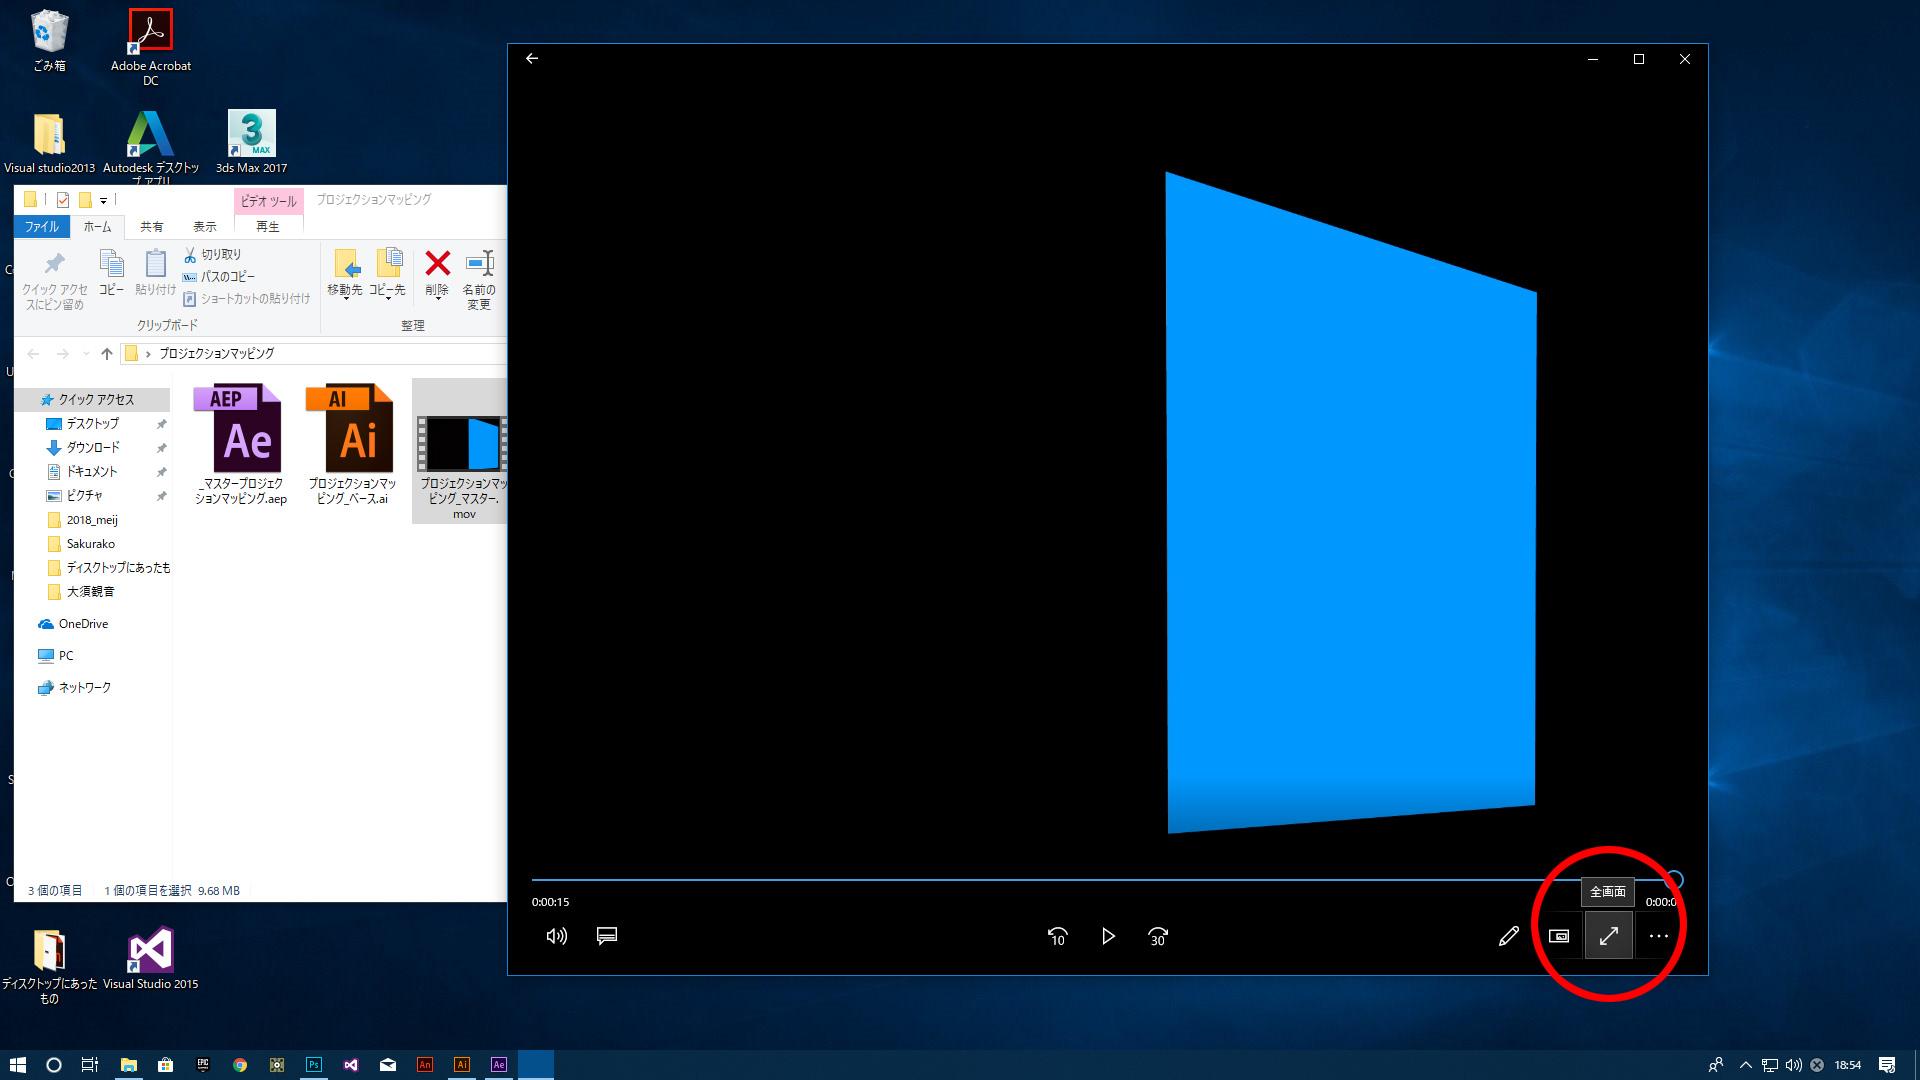 全画面ボタンを押して、フルスクリーンにして再生する